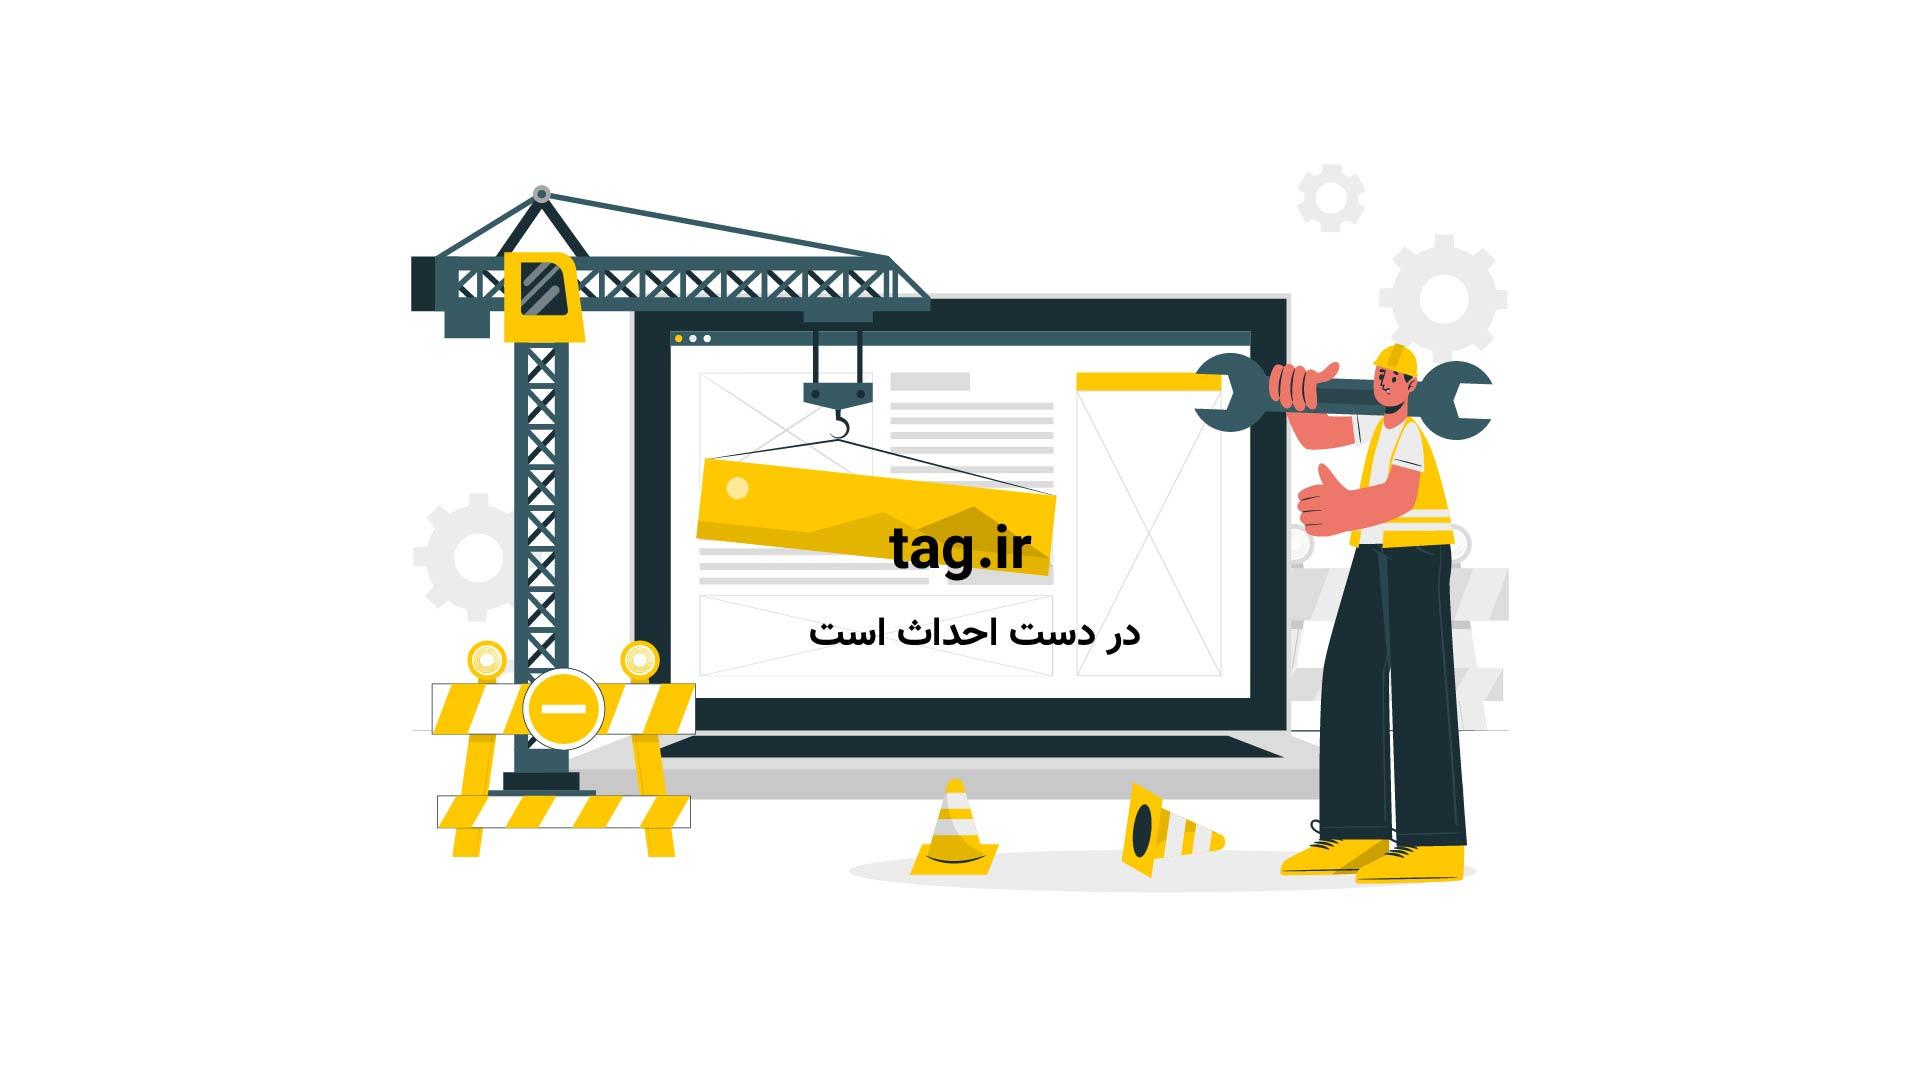 15 خرداد | تگ